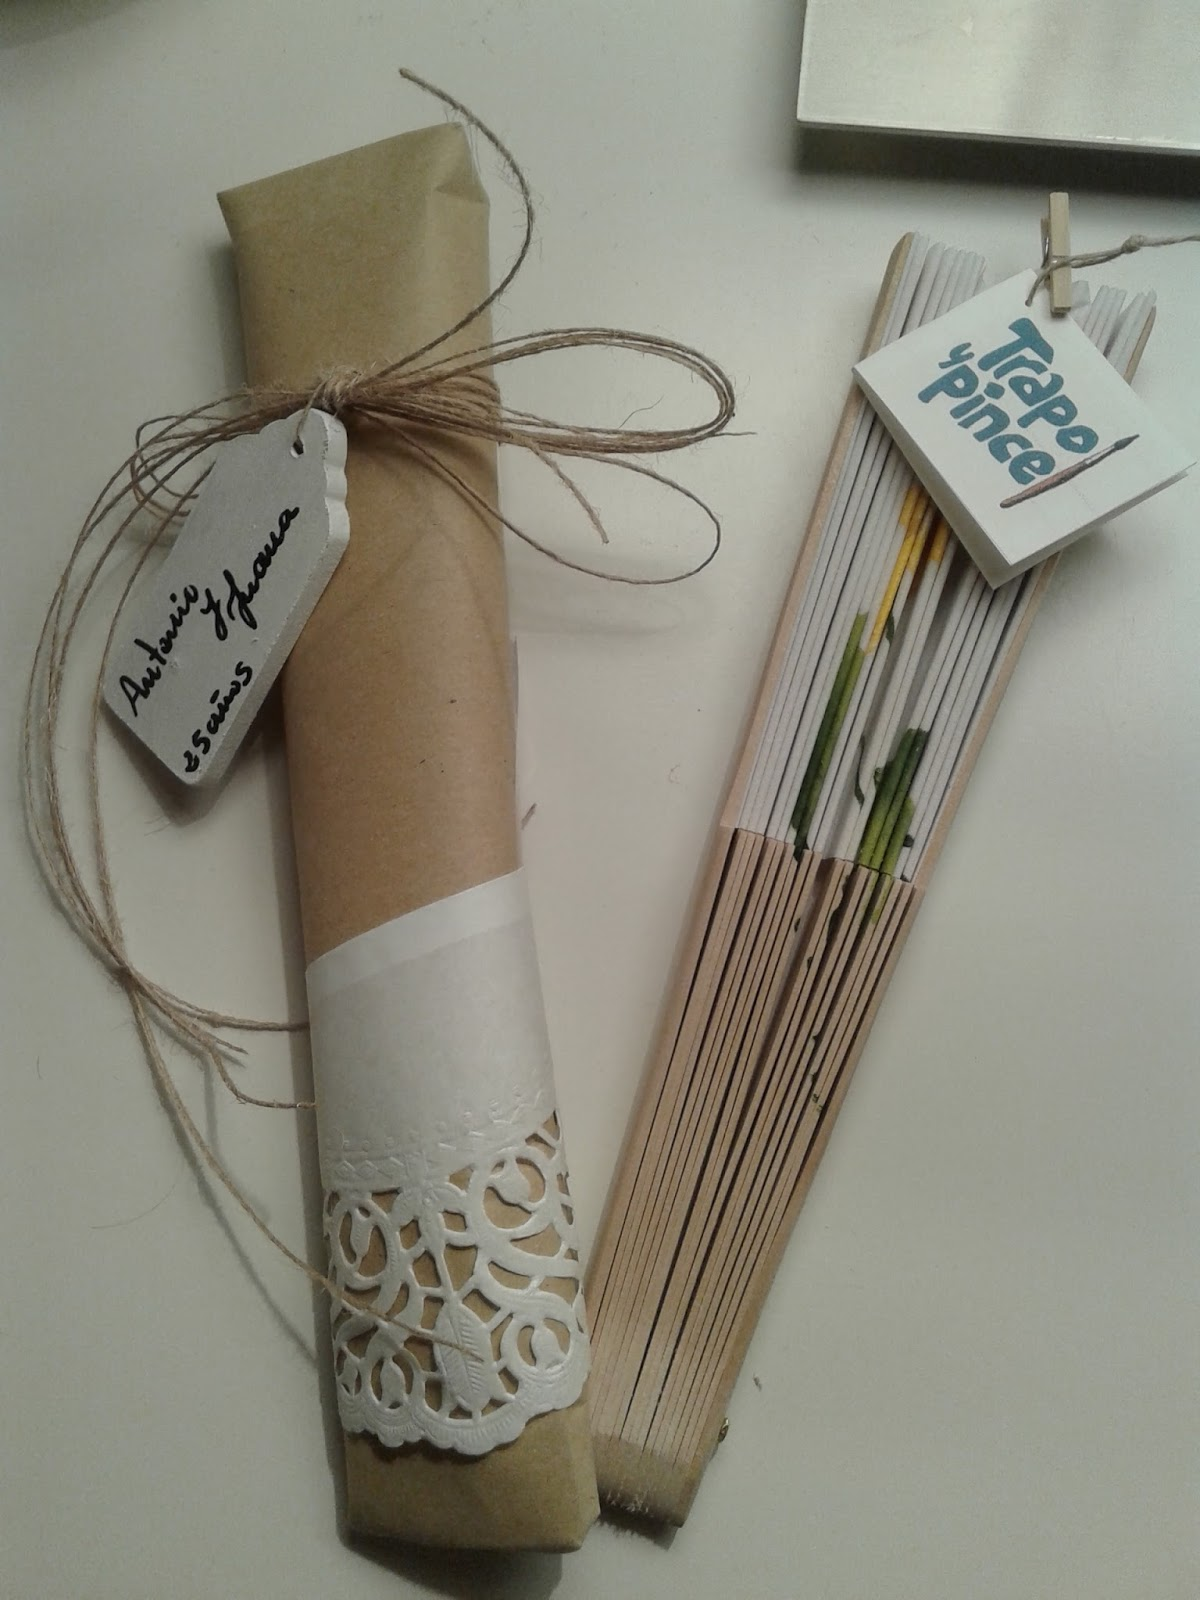 Ideas regalos bodas de plata - Ideas bodas de plata ...